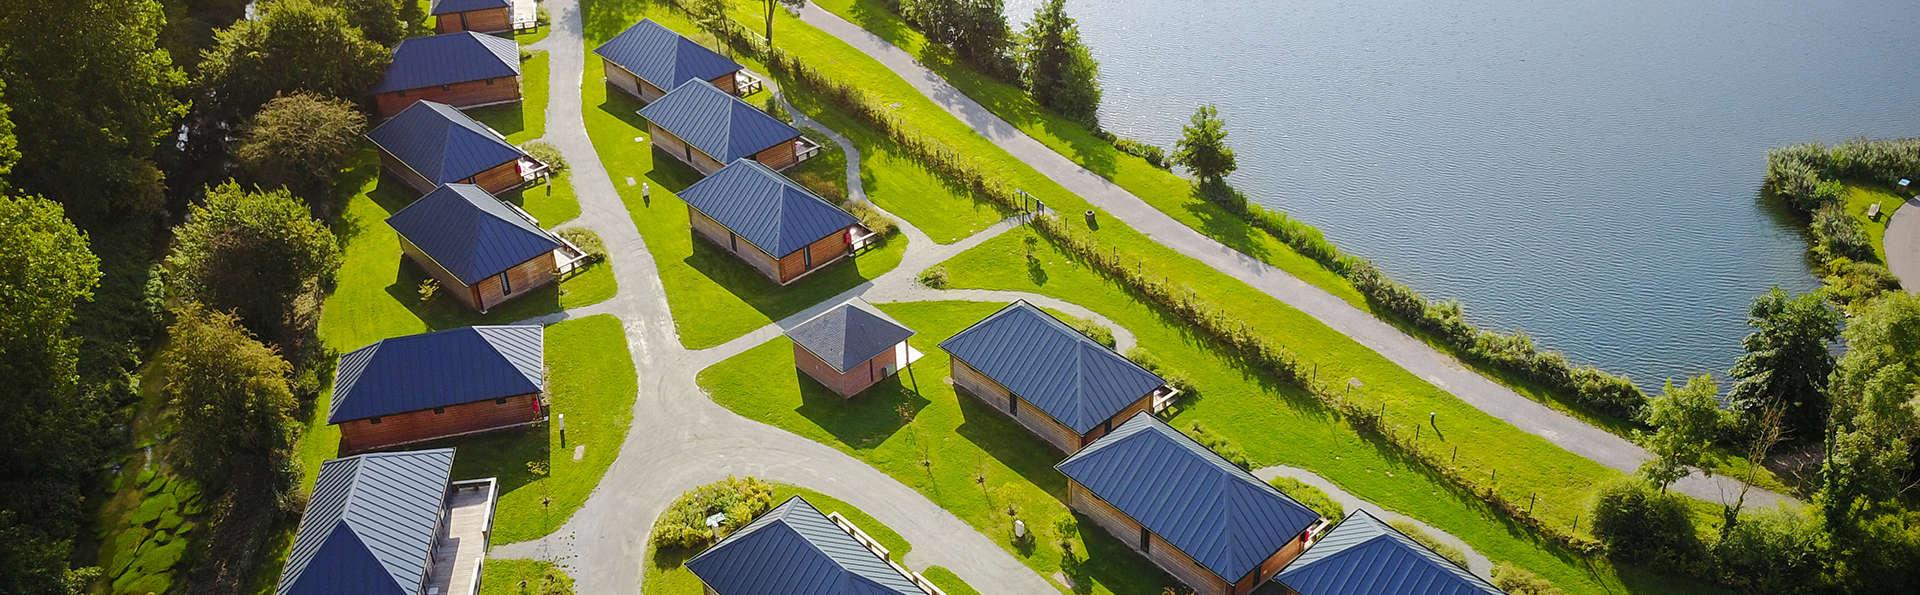 Les Rives du Lac - EDIT_aerea1.jpg